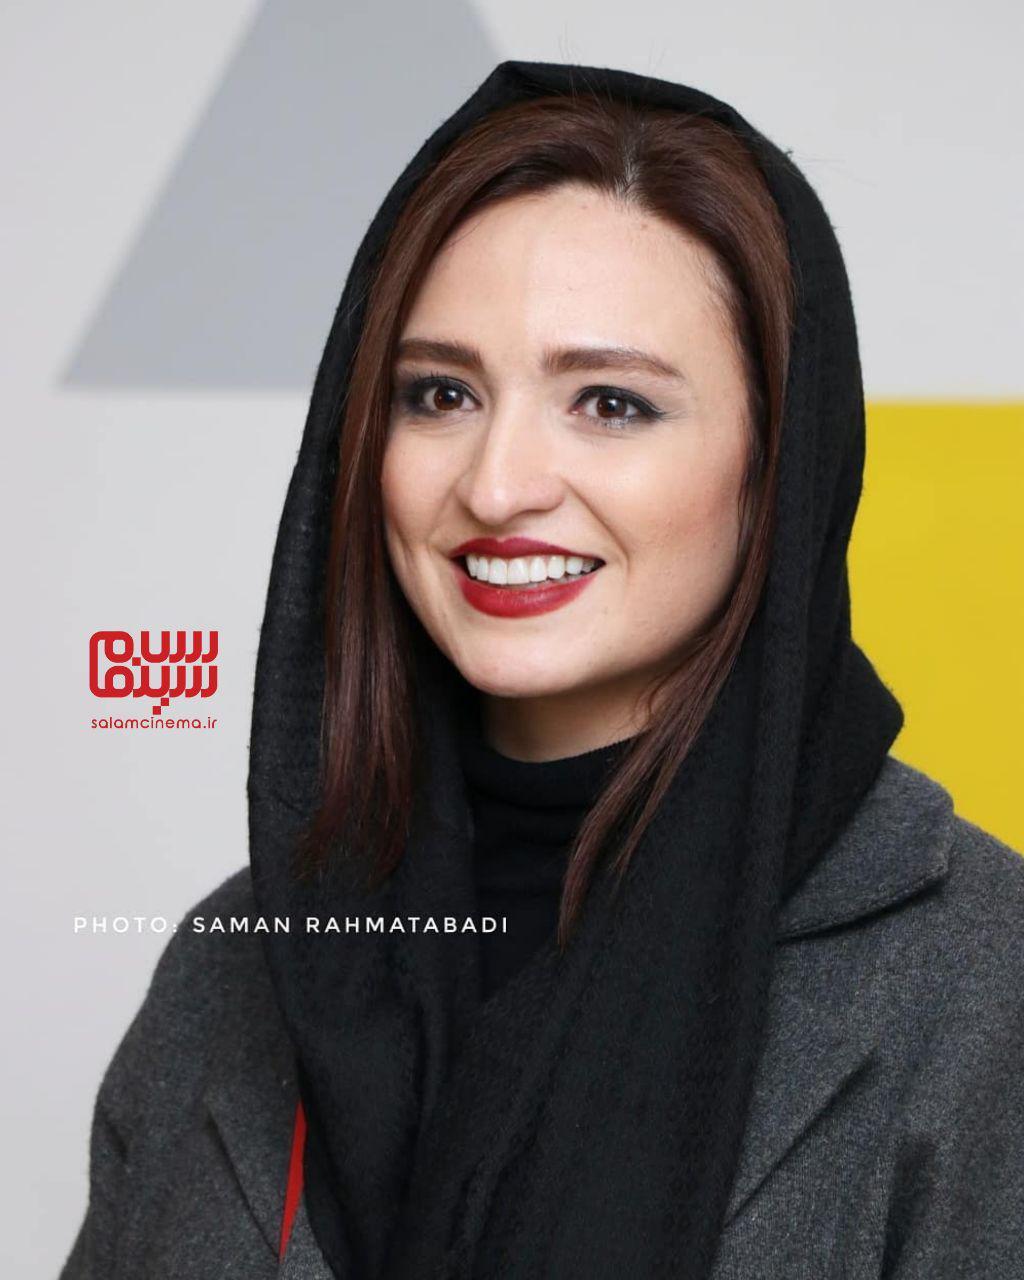 گلاره عباسی - اکران خصوصی «خداحافظ دختر شیرازی»-گزارش تصویری